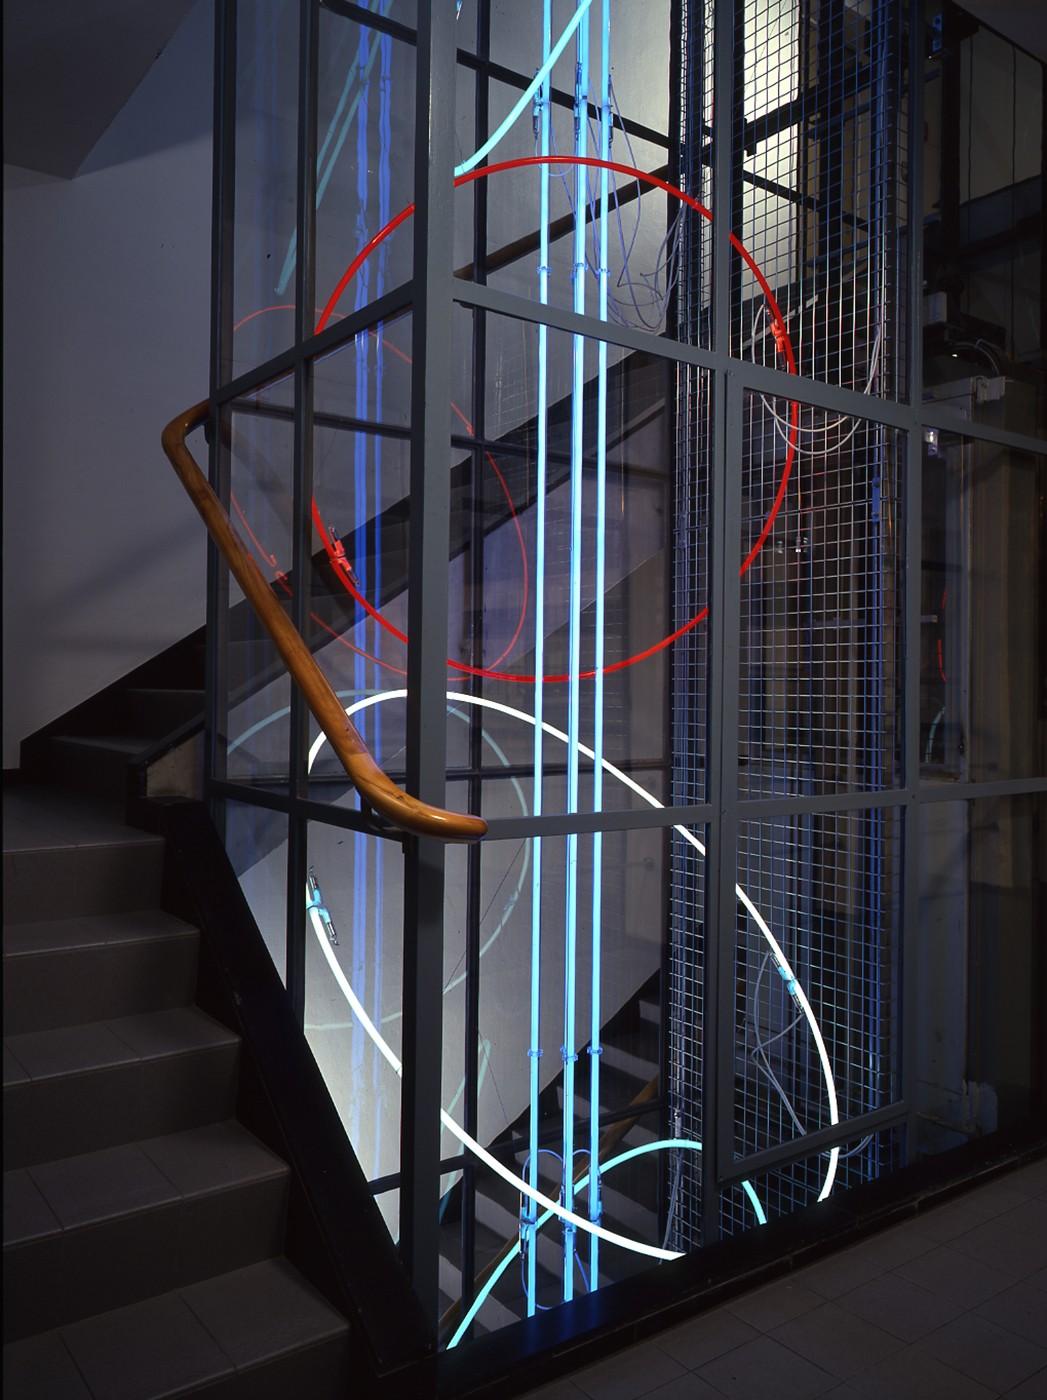 Panta Rhei I, 1990